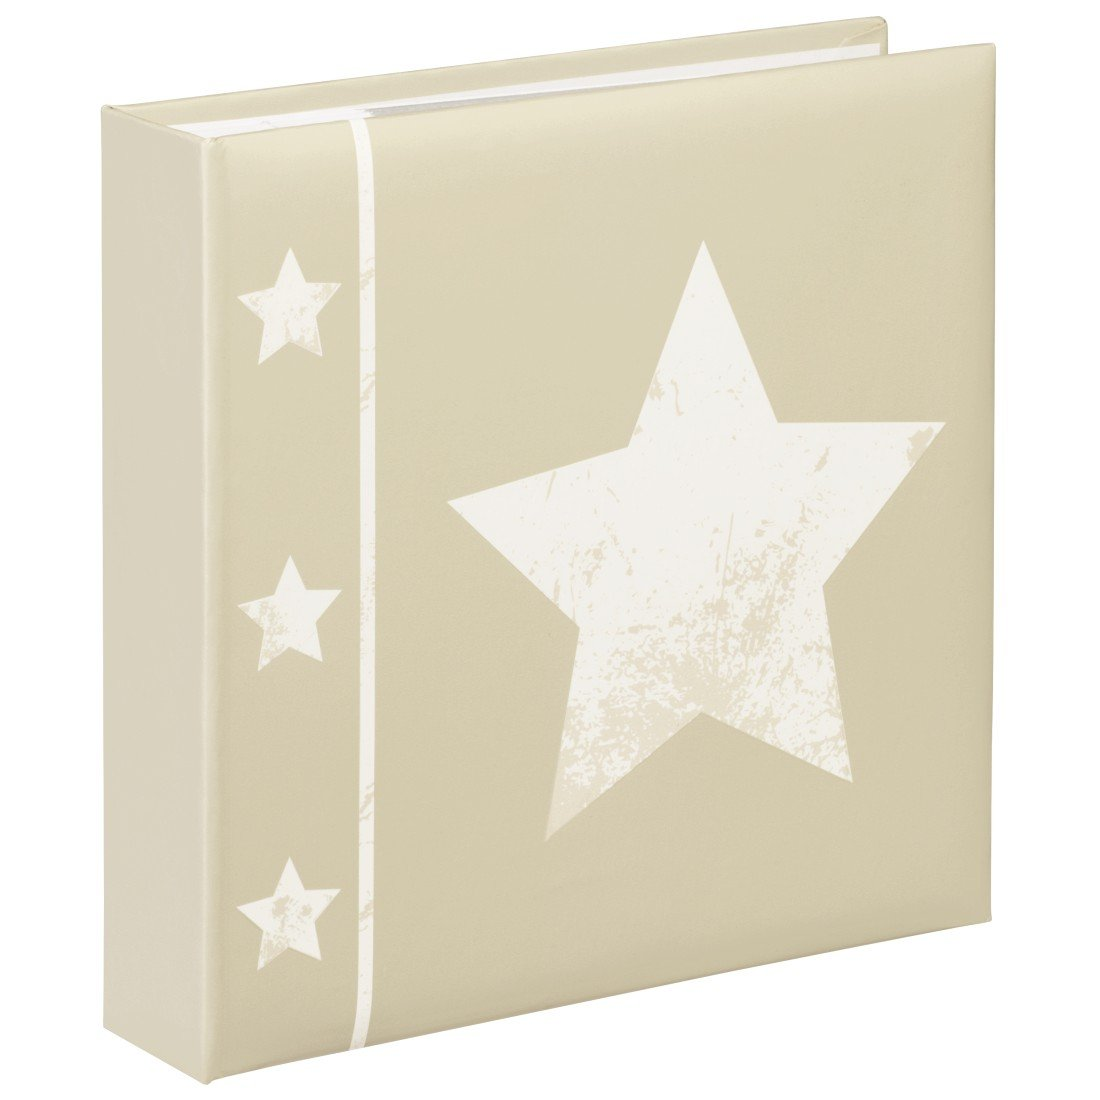 Hama Skies Gris álbum de Foto y Protector - Álbum de fotografía (220 mm, 225 mm, Gris, 100 Hojas, 10 x 15, 200 Hojas) 00002337